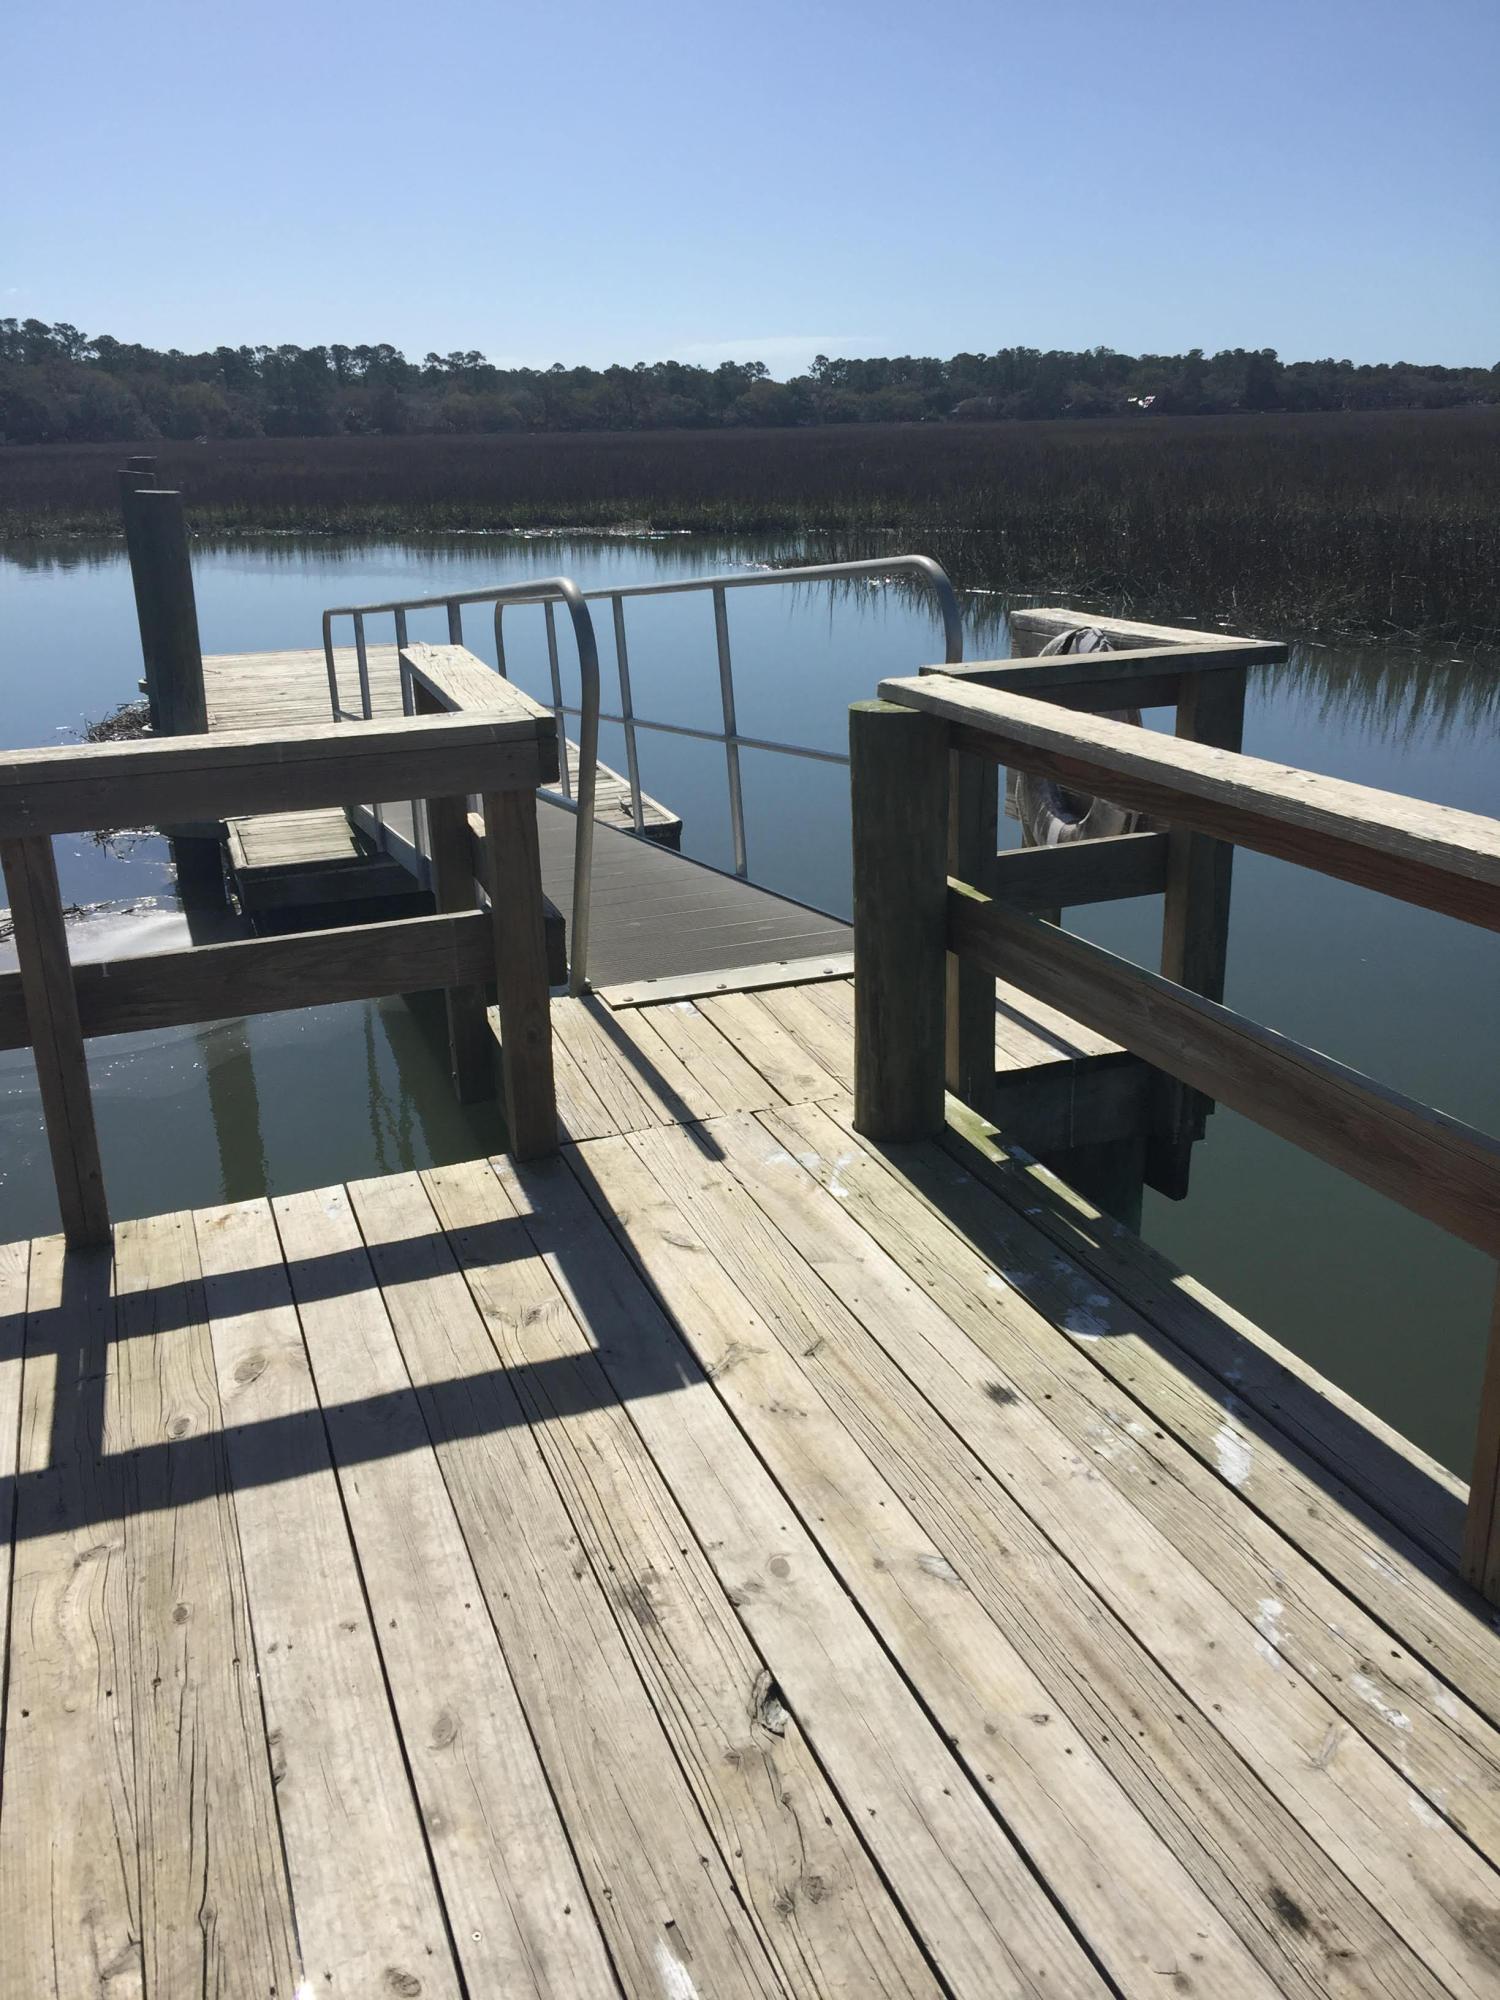 Seabrook Island Homes For Sale - 1701 Live Oak, Seabrook Island, SC - 7